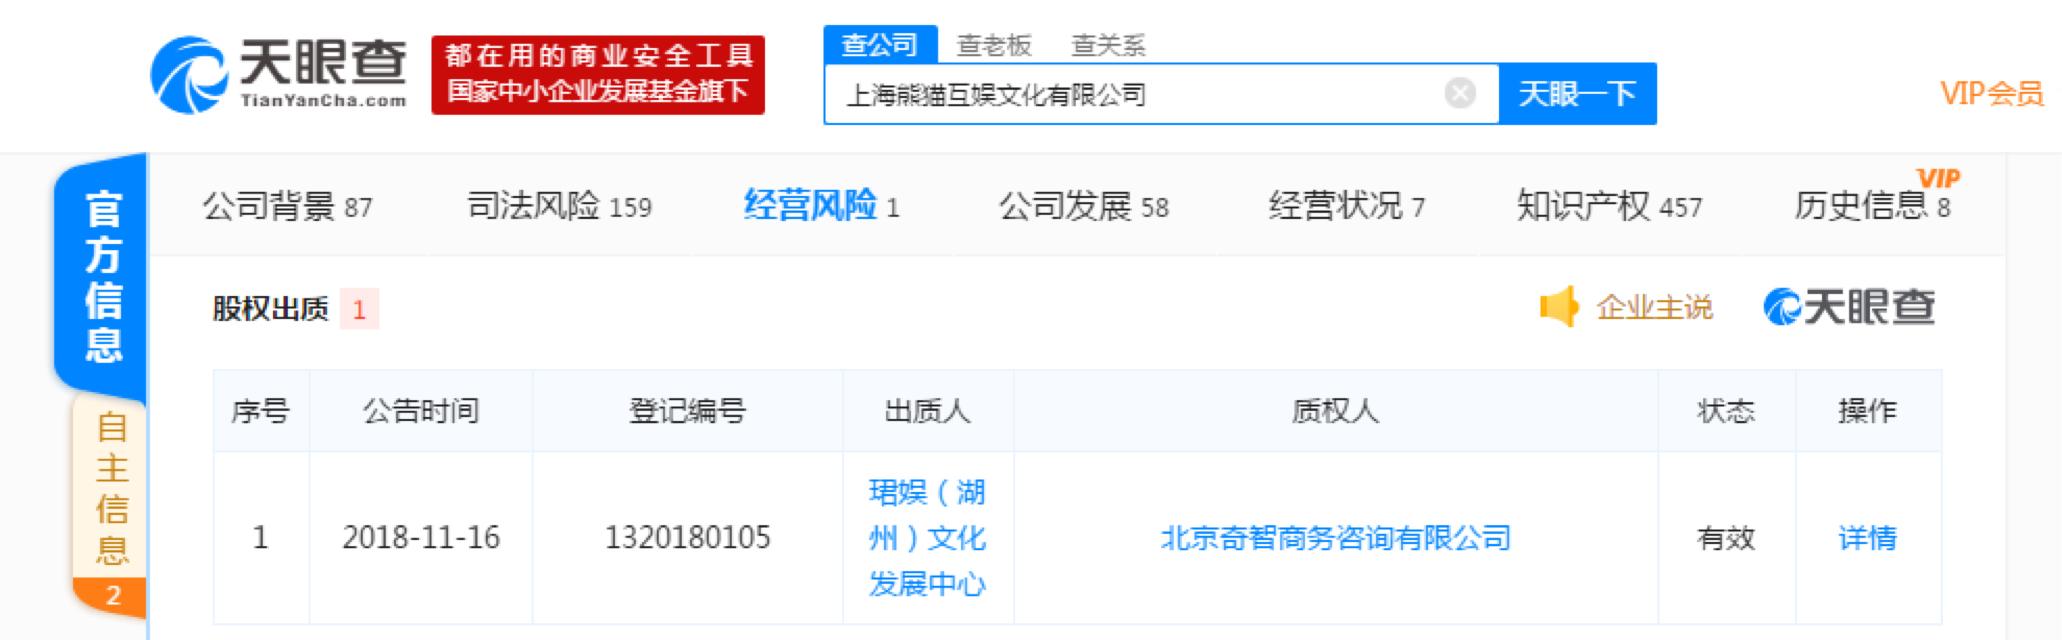 """熊貓直播下架 王思聰已質押持有股份給360系公司_袁夢"""""""